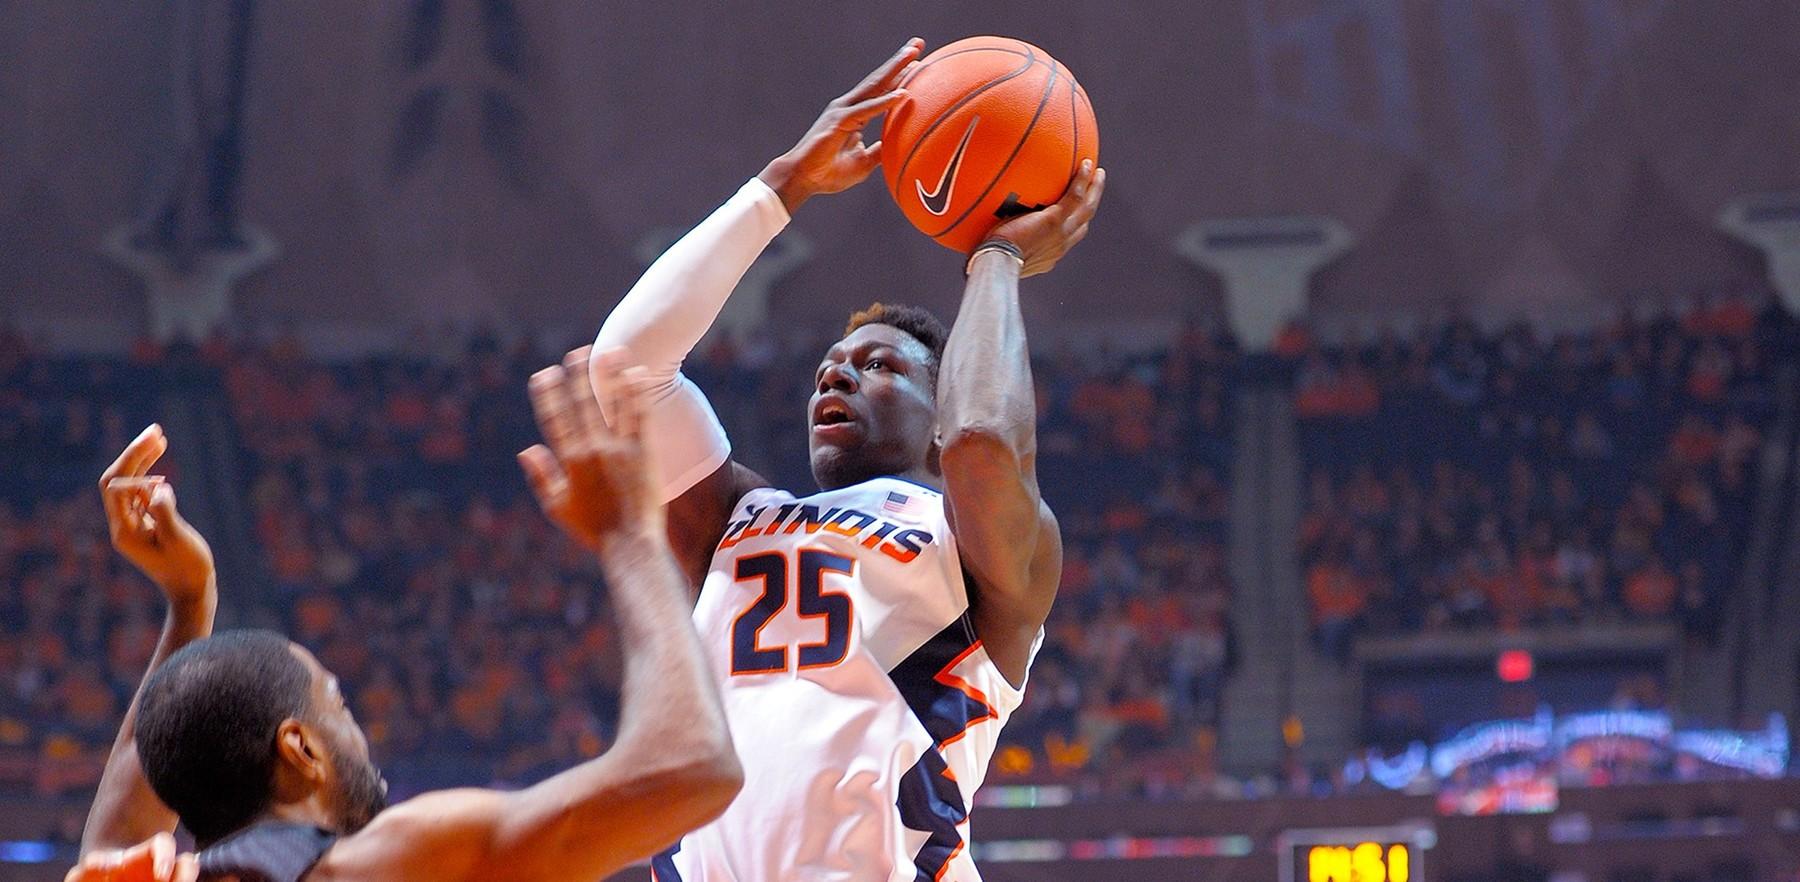 image of Illini basketball player Kendrick Nunn